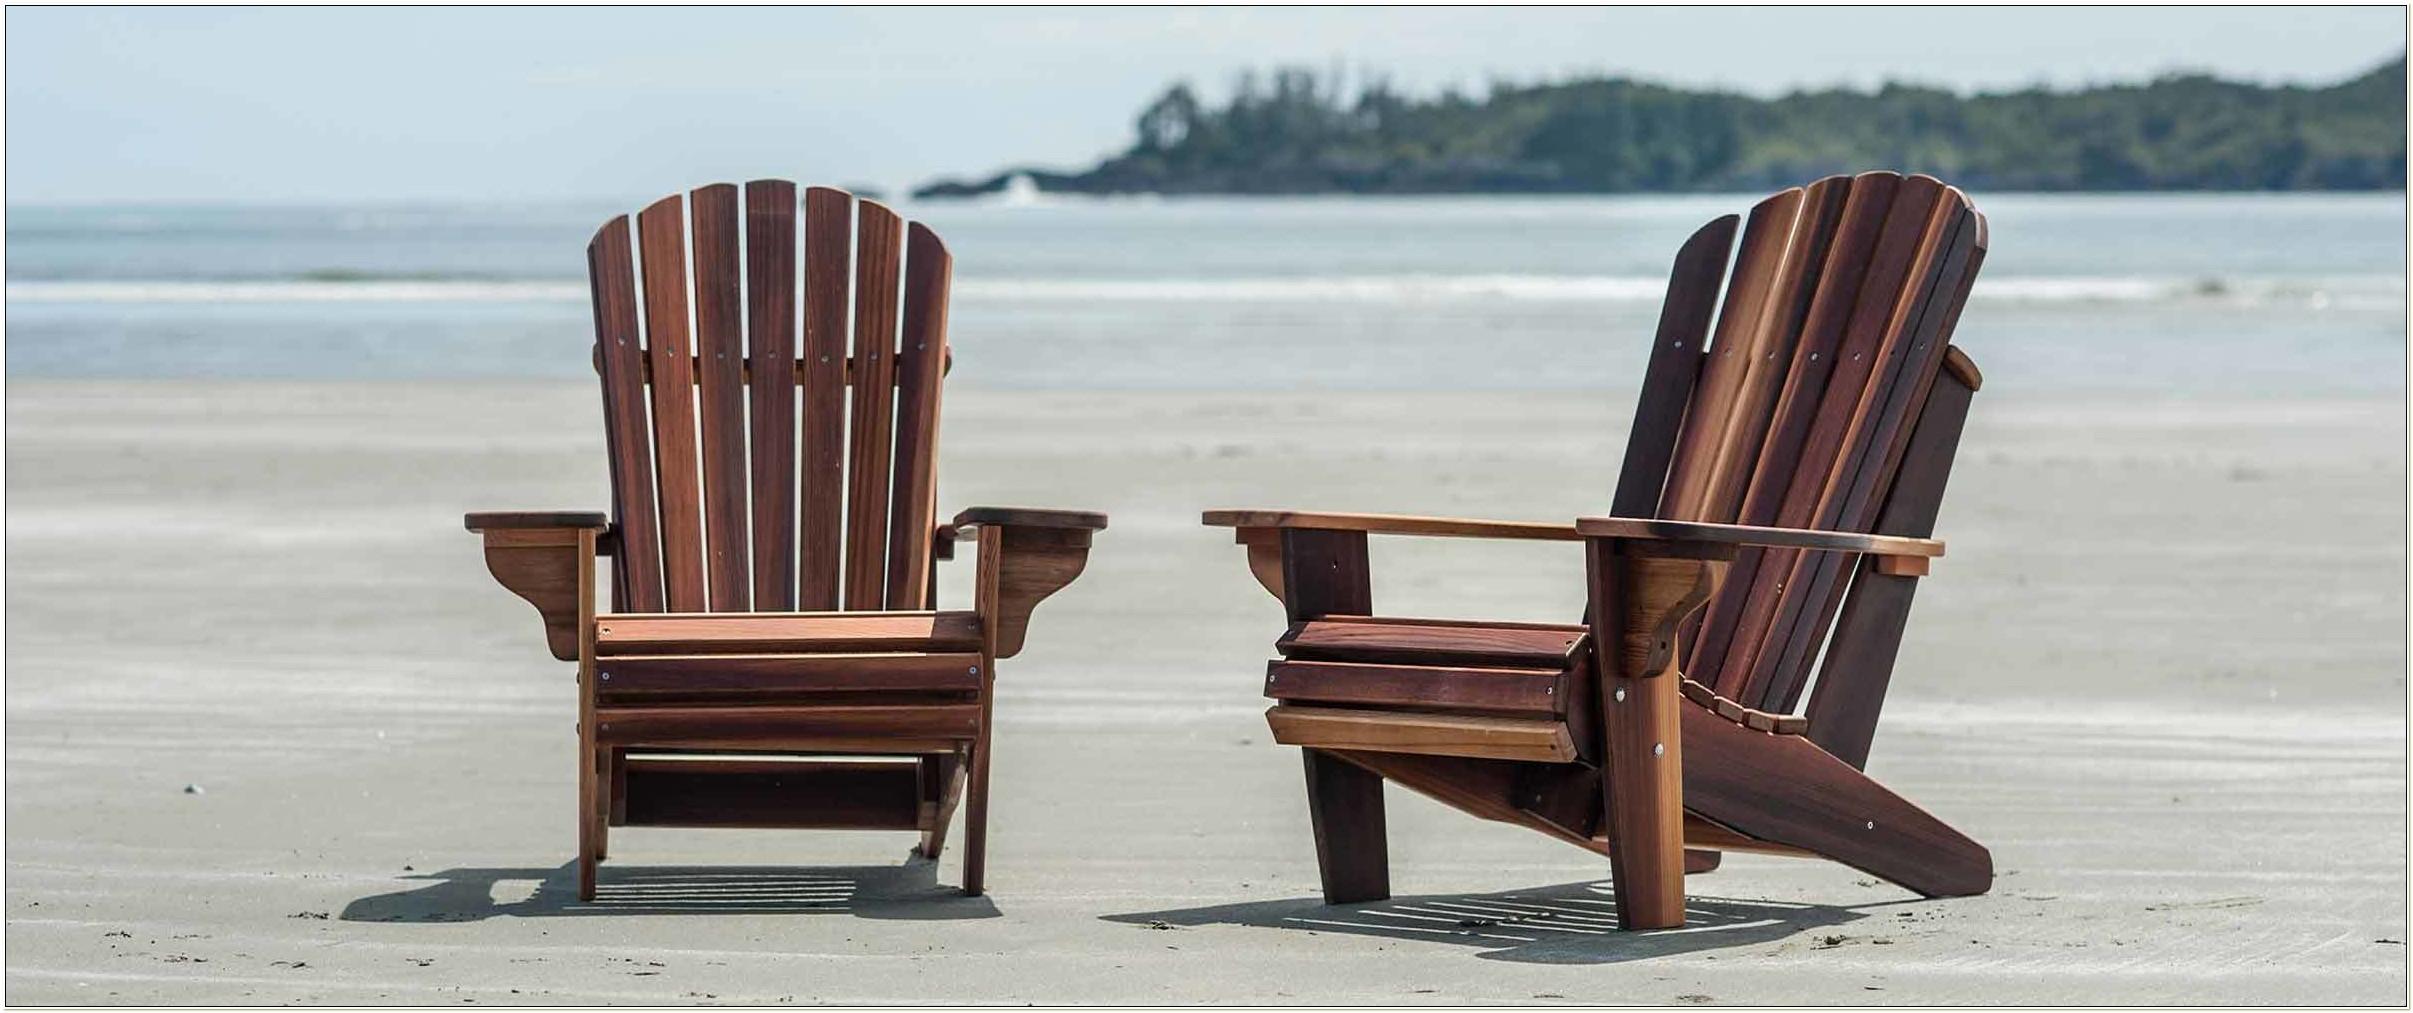 Adirondack Chairs Virginia Beach